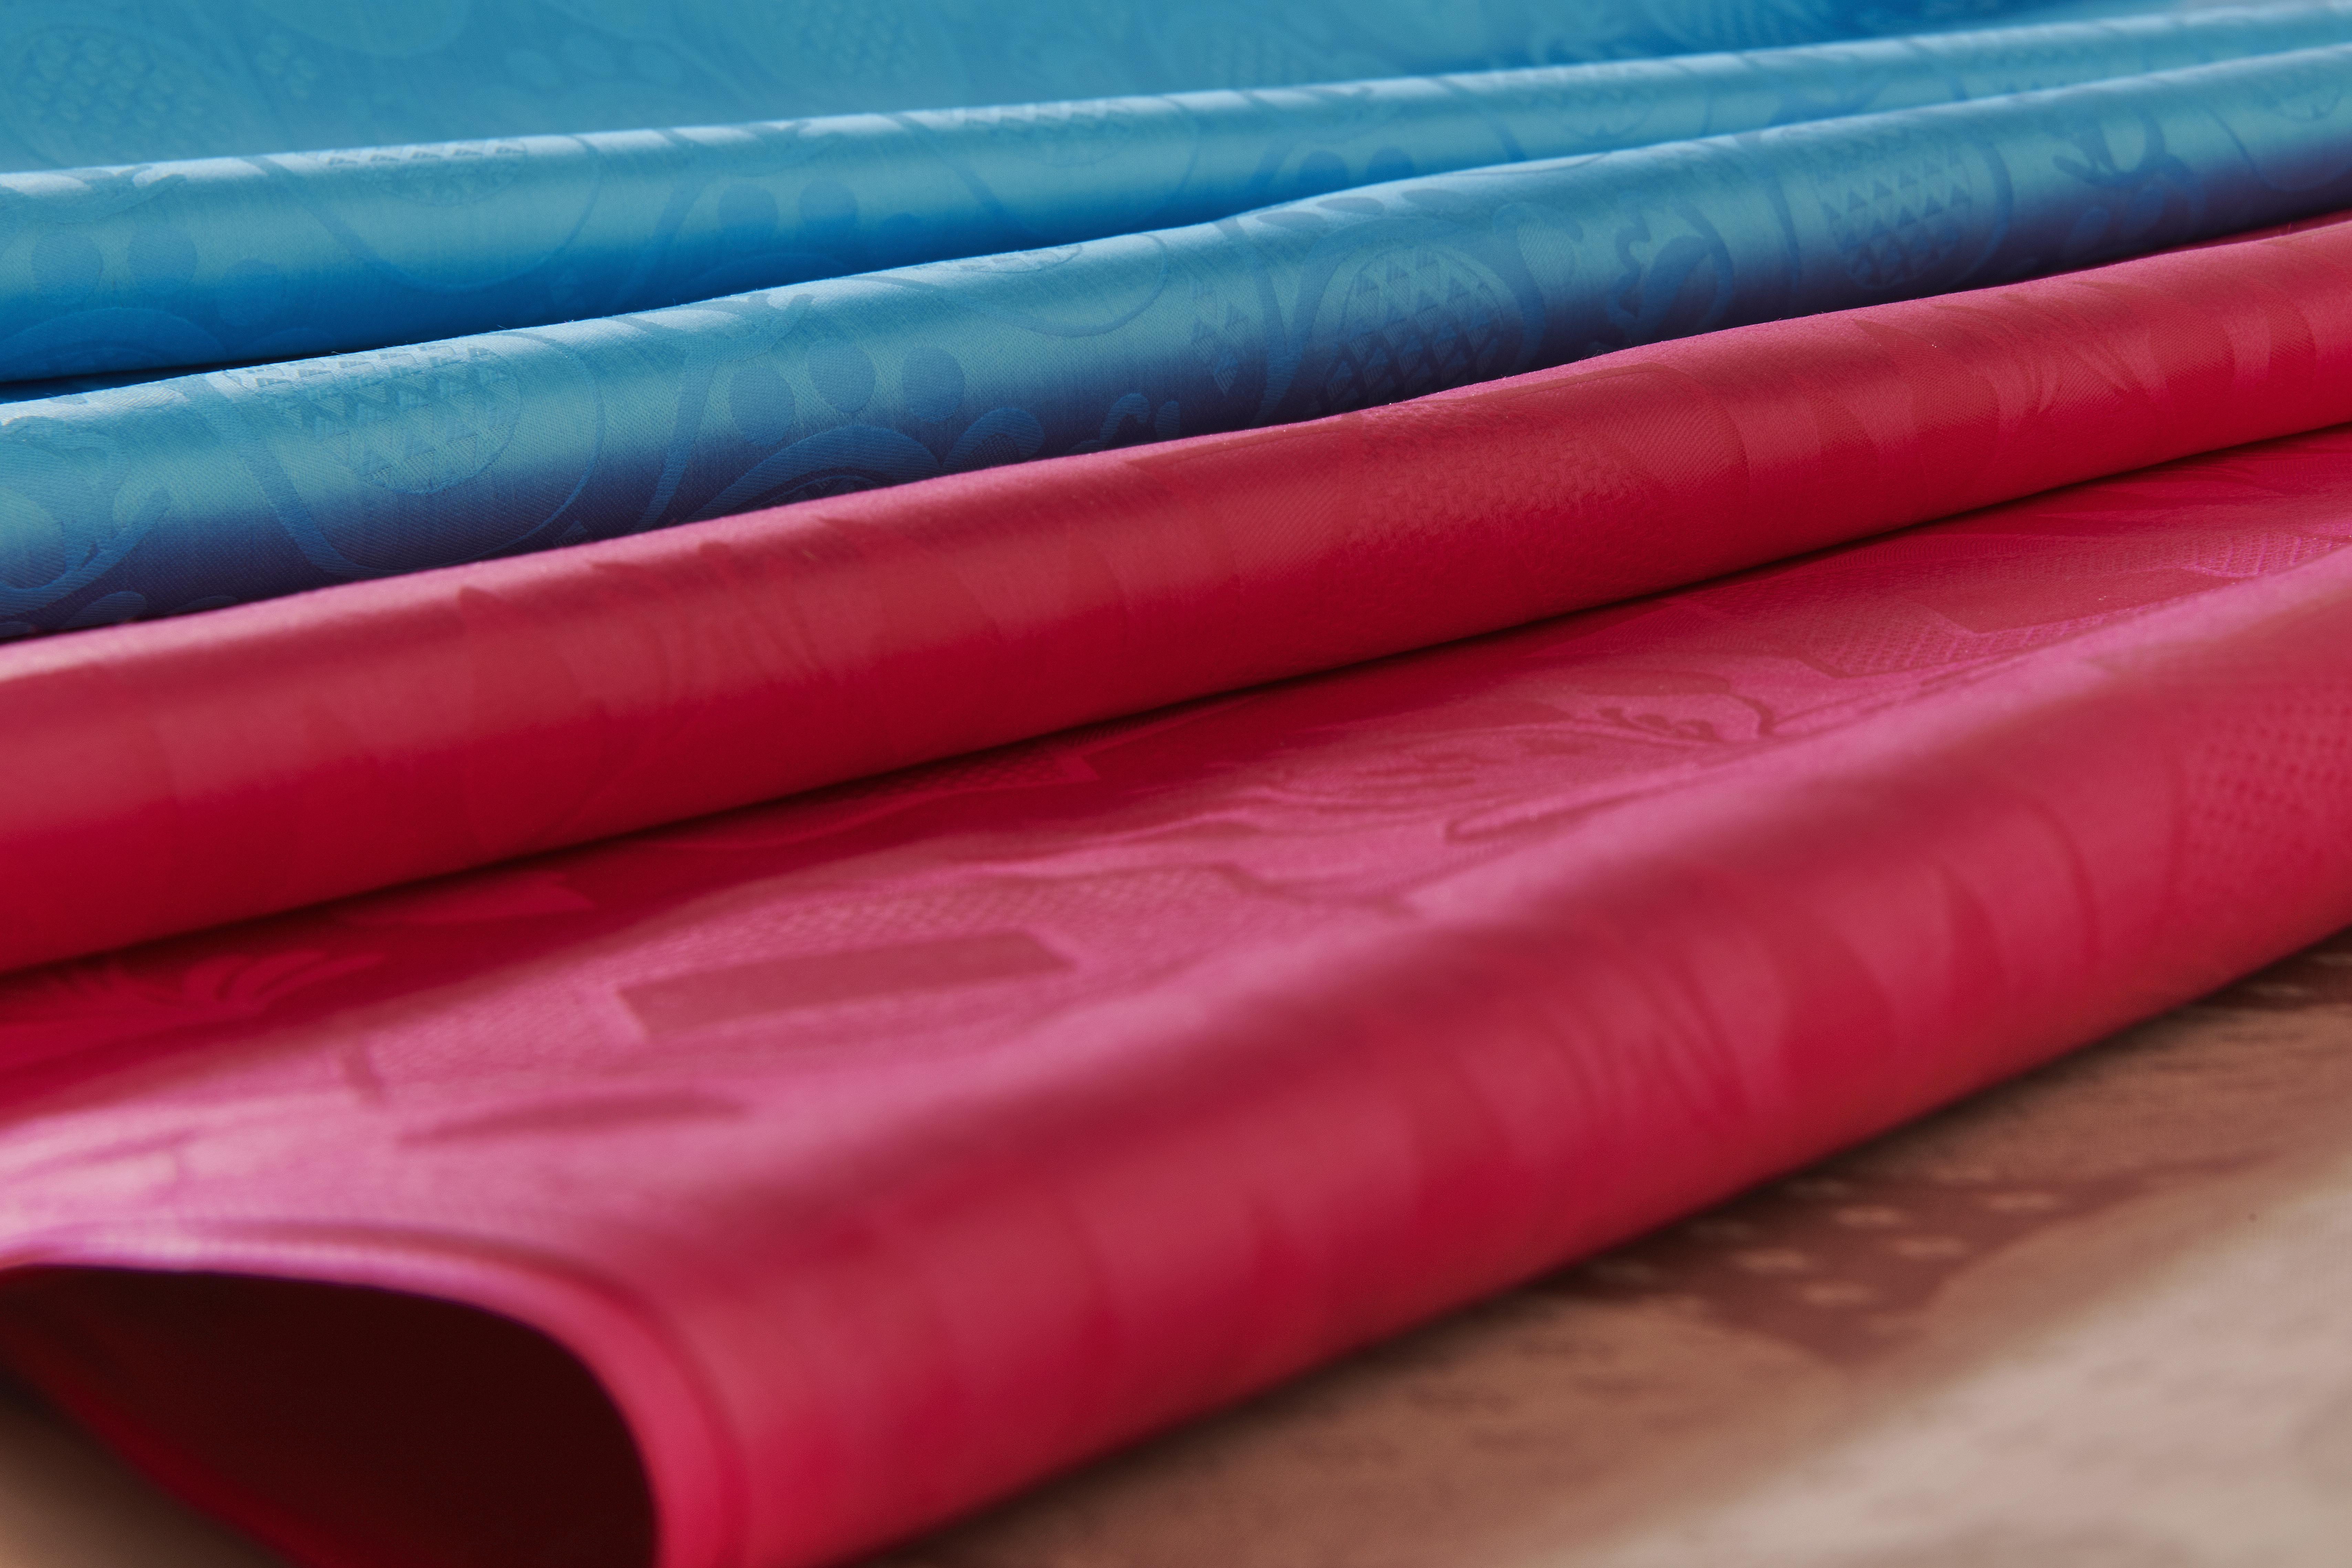 2017-10-16 Fussenegger Textil Produktfotos0163.jpg